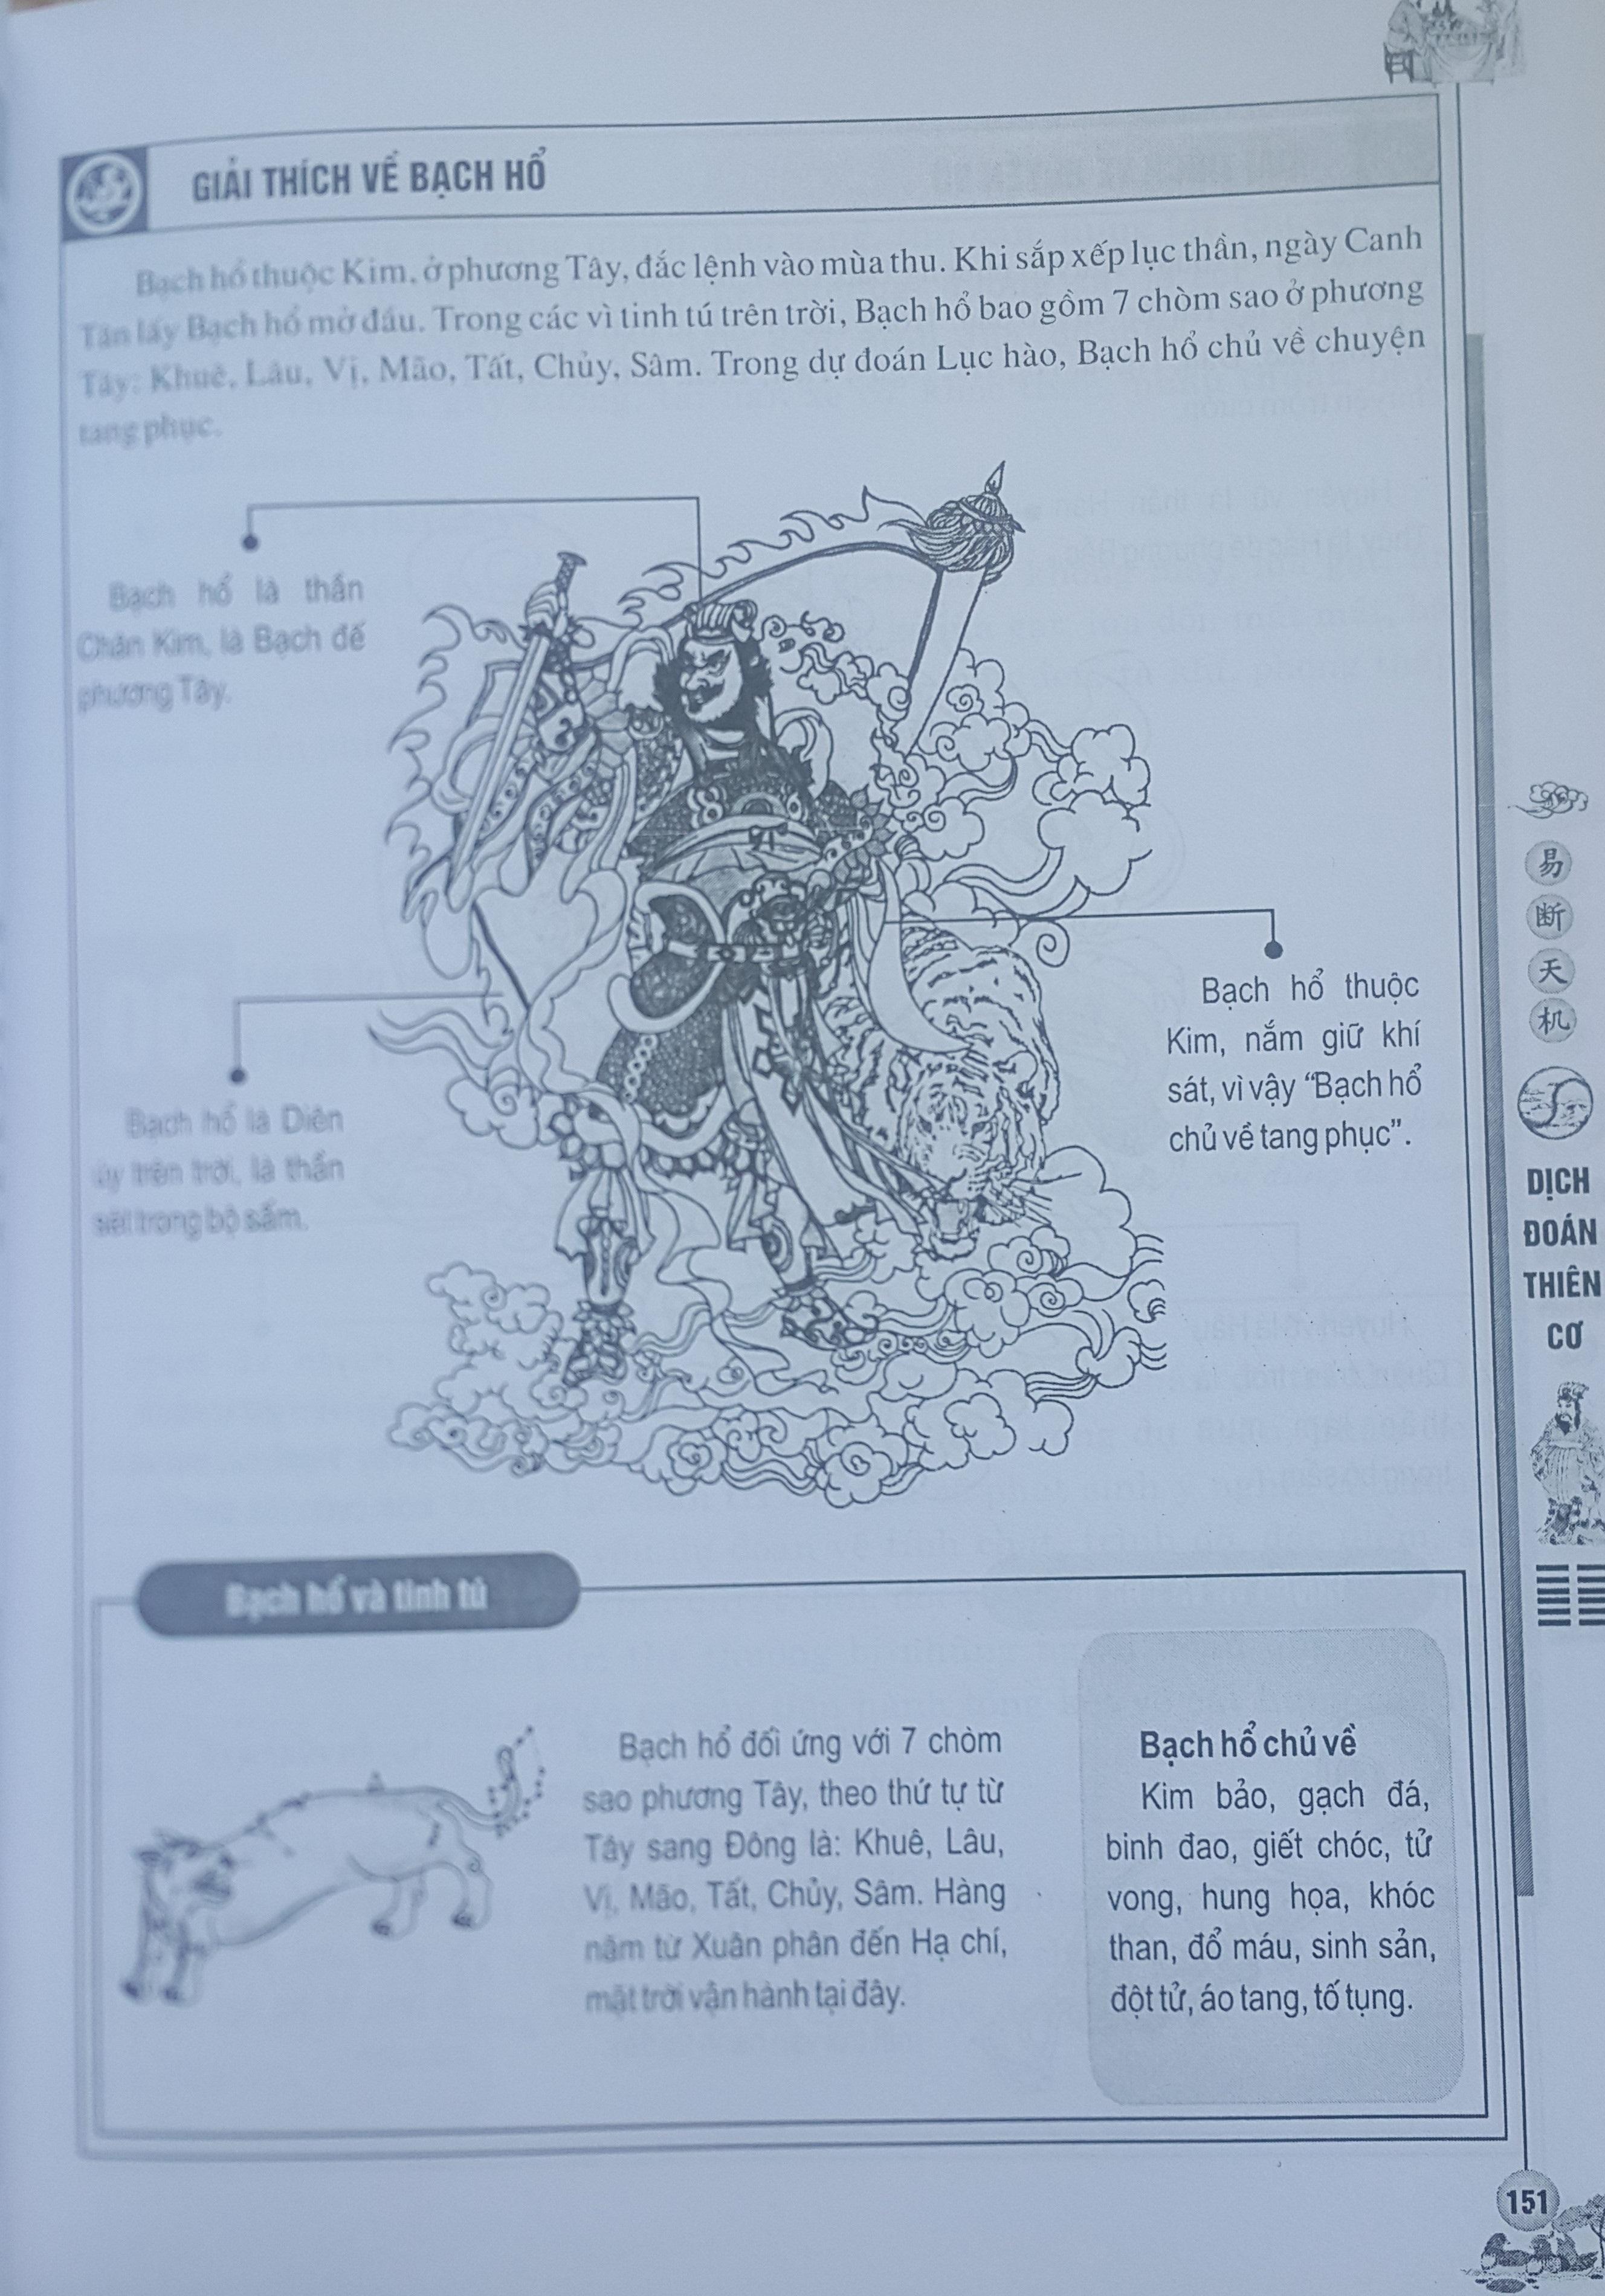 Dịch Đoán Thiên Cơ - Quỷ Cốc Thần Toán (Tái Bản)